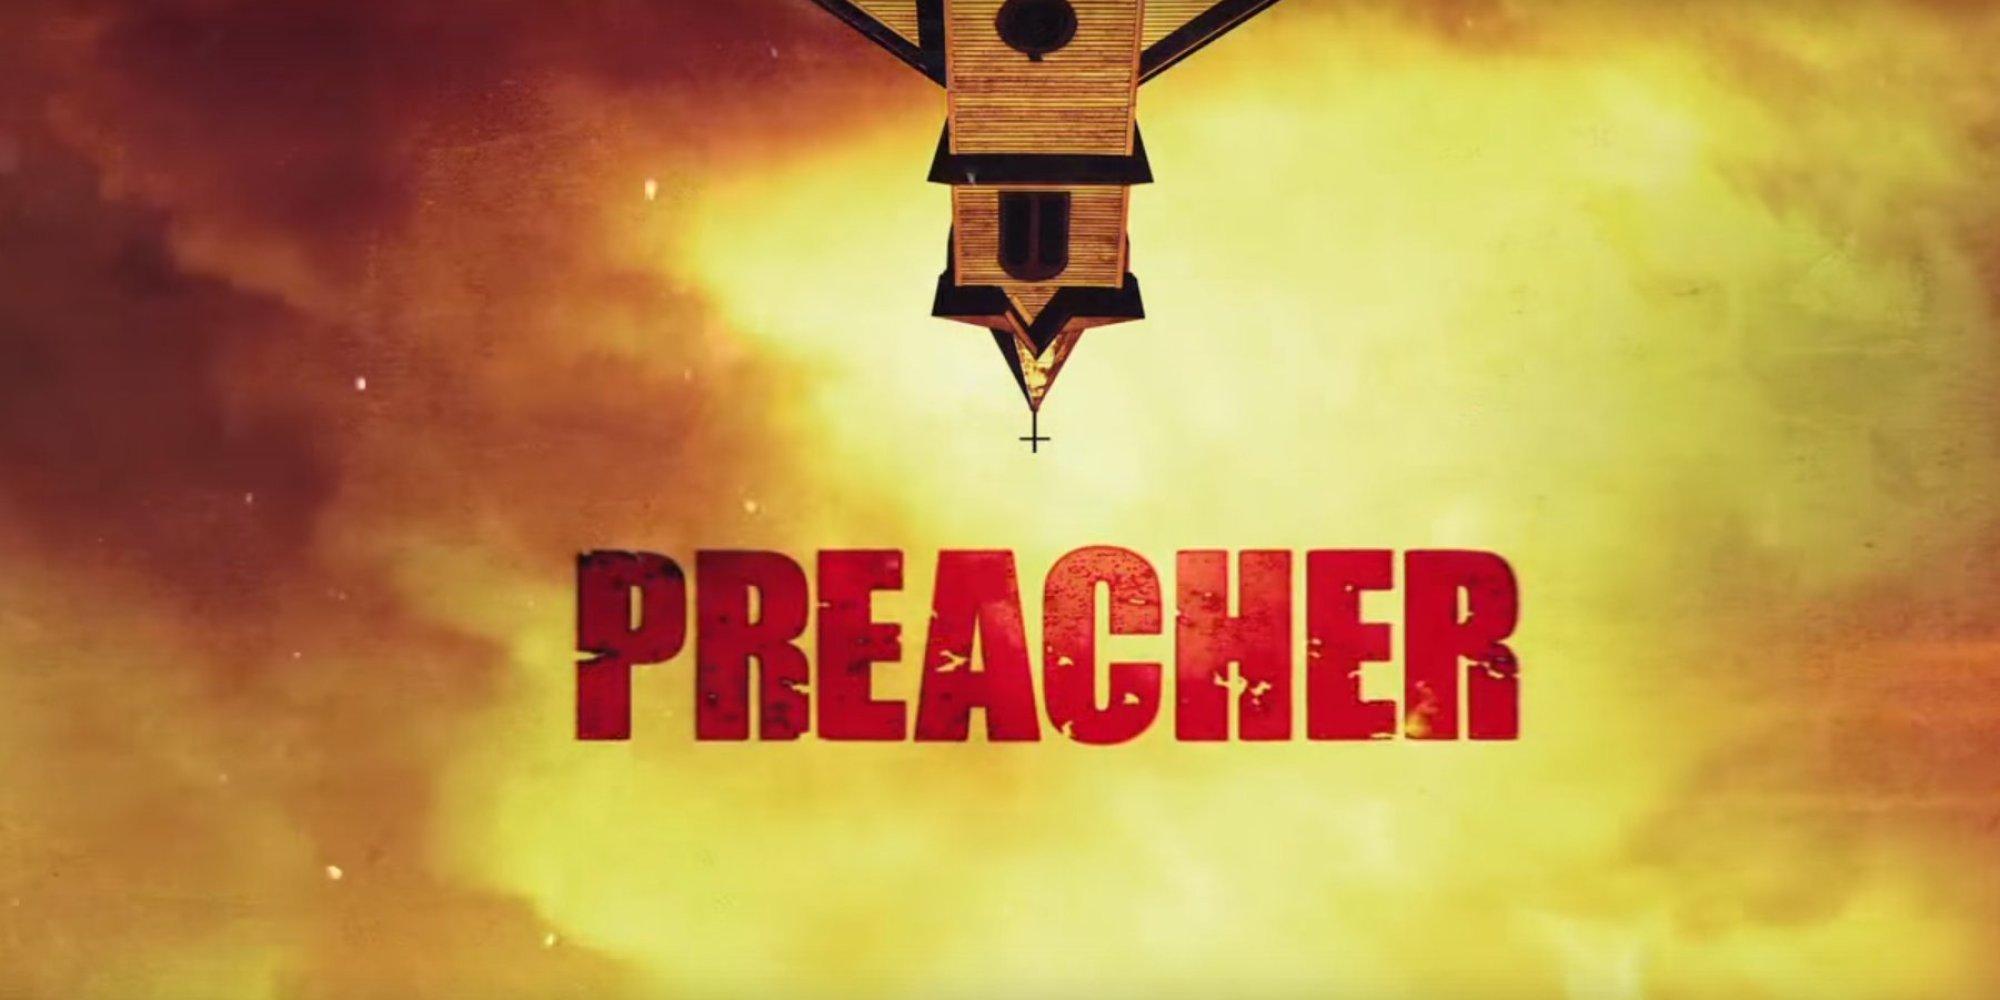 Conoce más sobre Preacher, la próxima serie de AMC basada en un comic